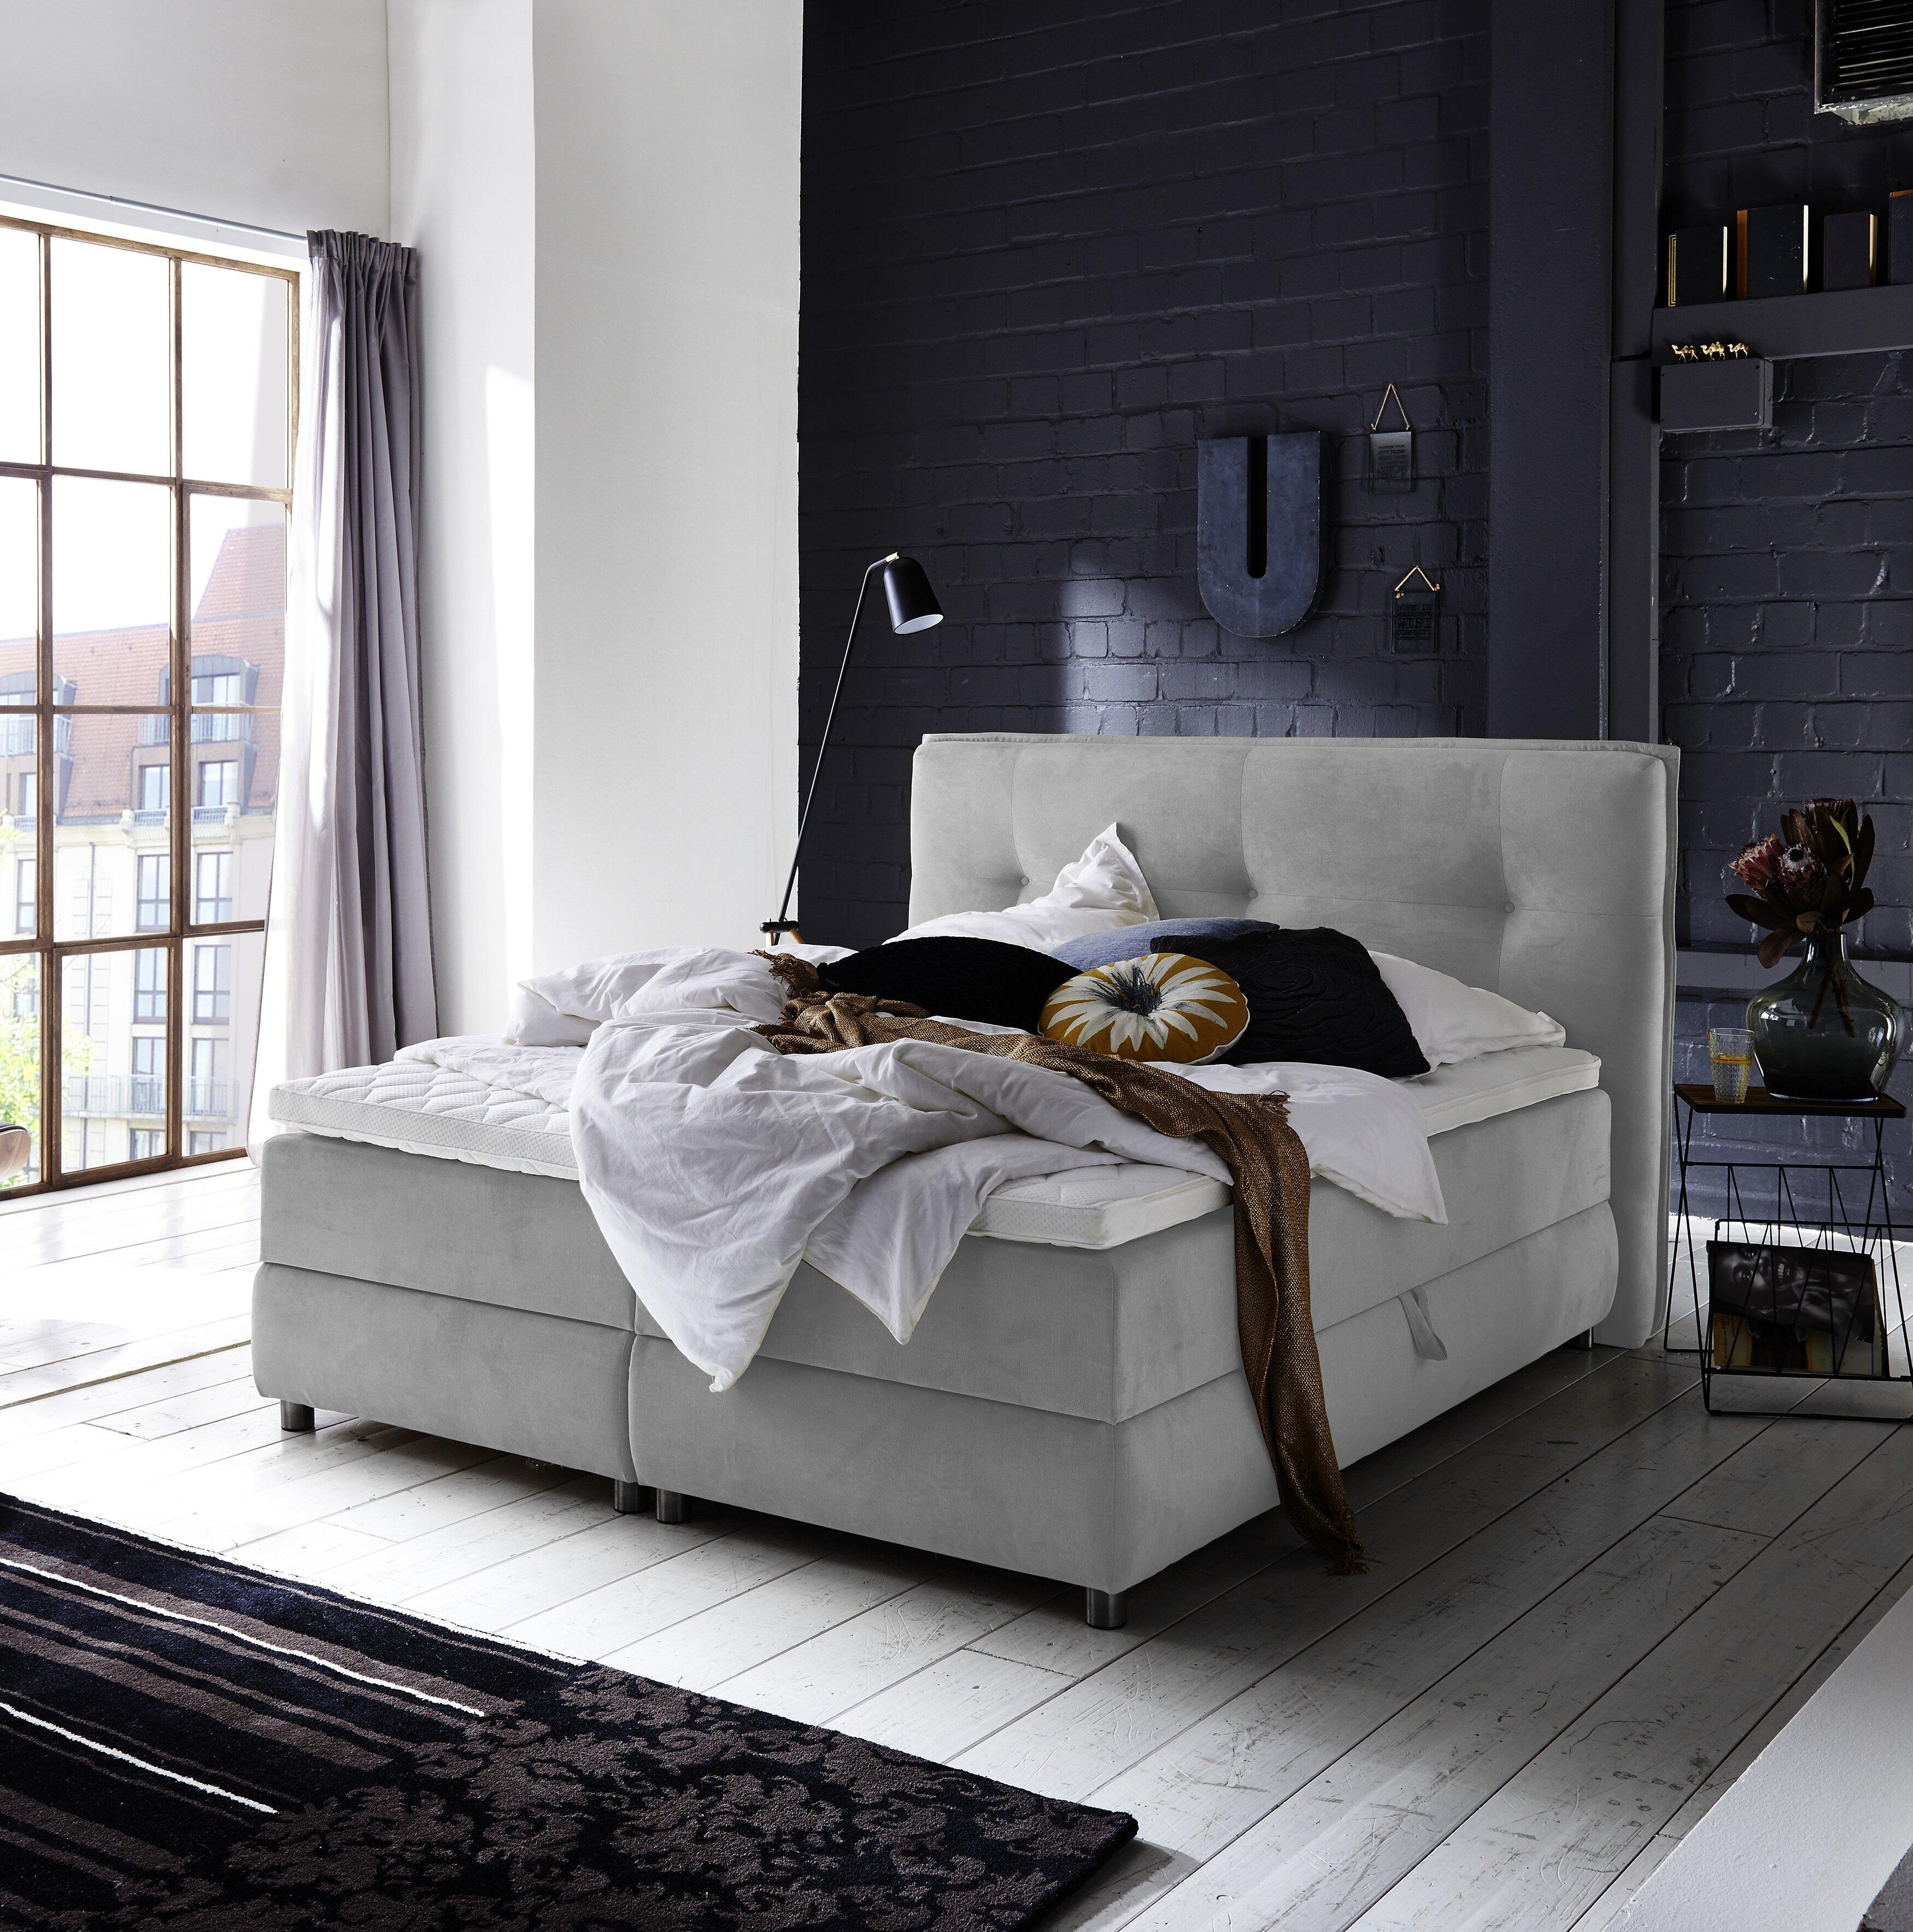 Boxspring bett home design  Atlantic Home Collection Boxspringbett Tilo mit Topper   Wayfair.de